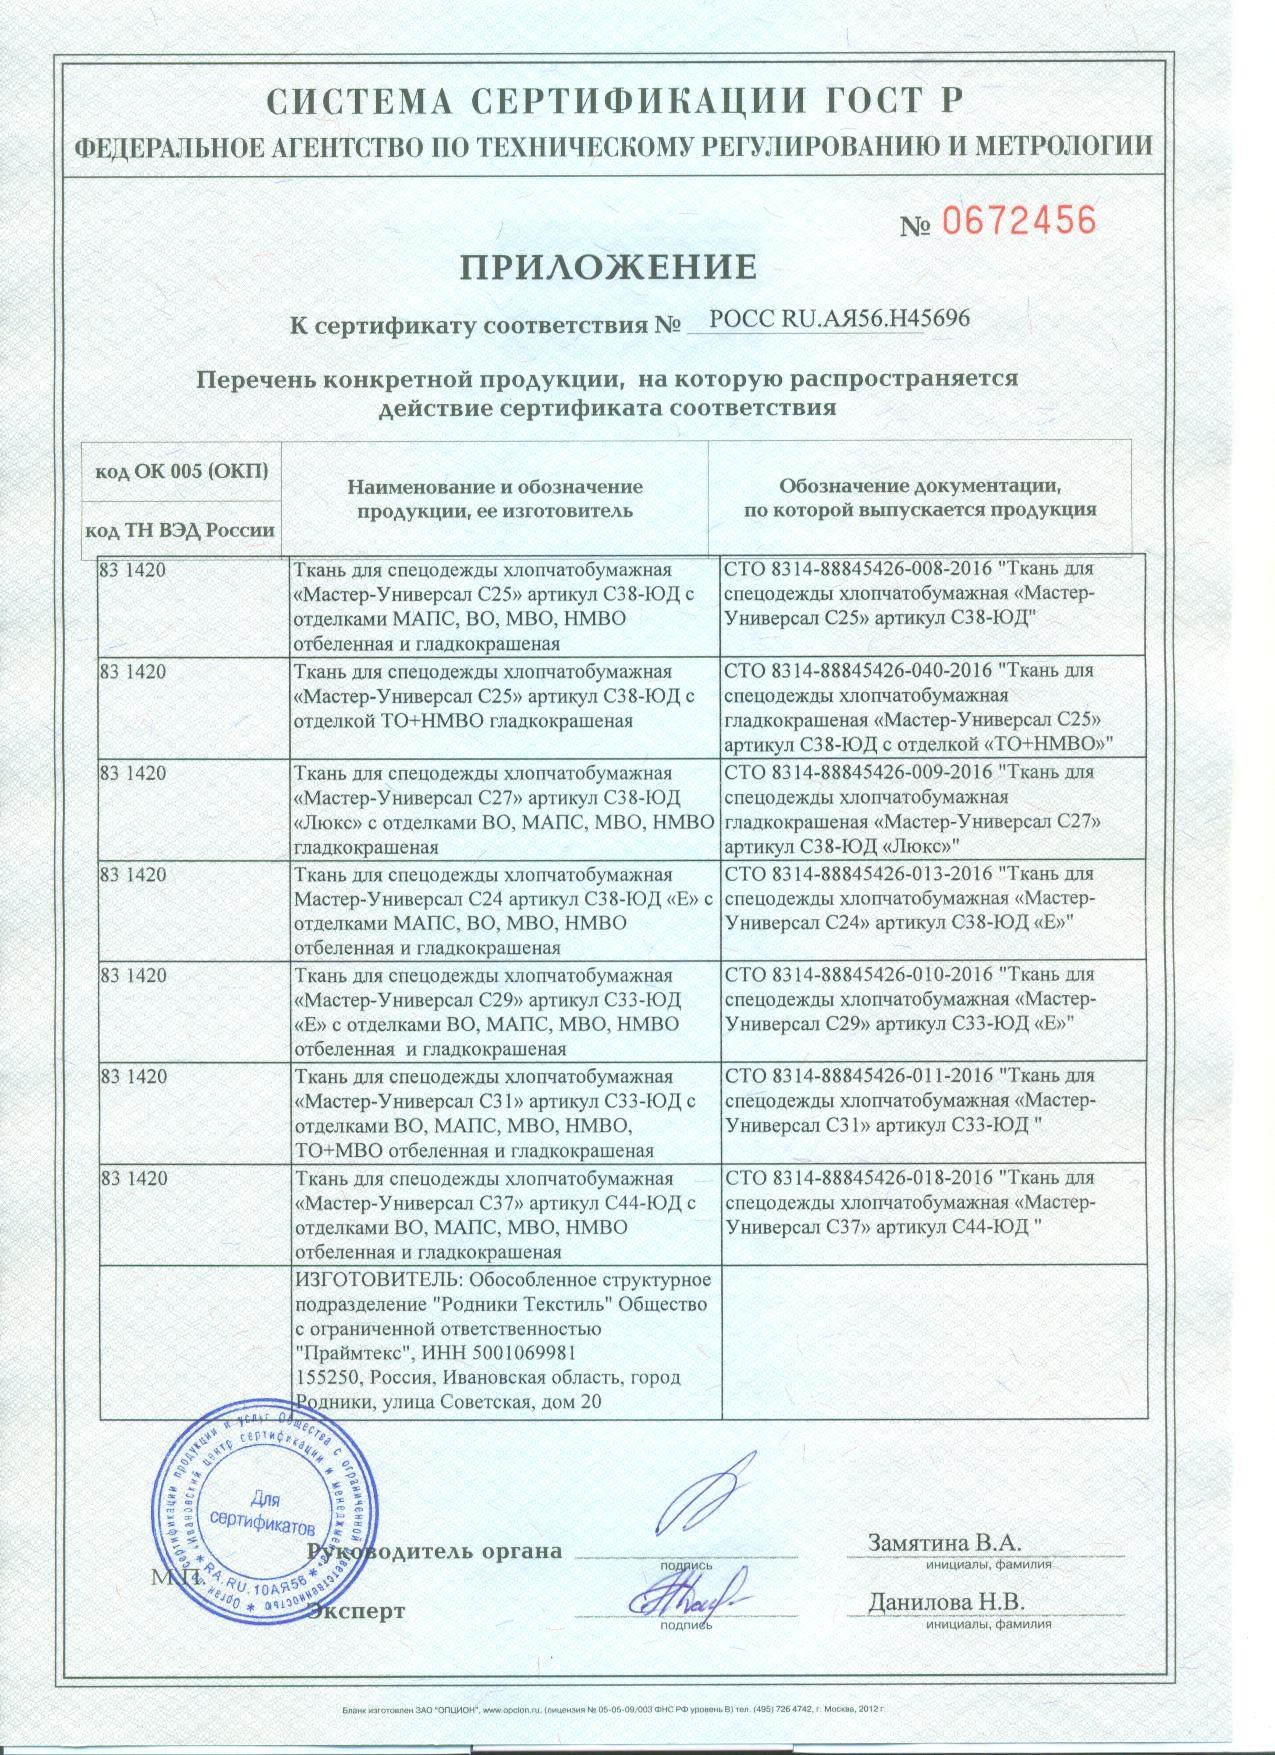 Приложение_к_сертификату_на_ХЛОПОК_21_ткань_2л.JPG